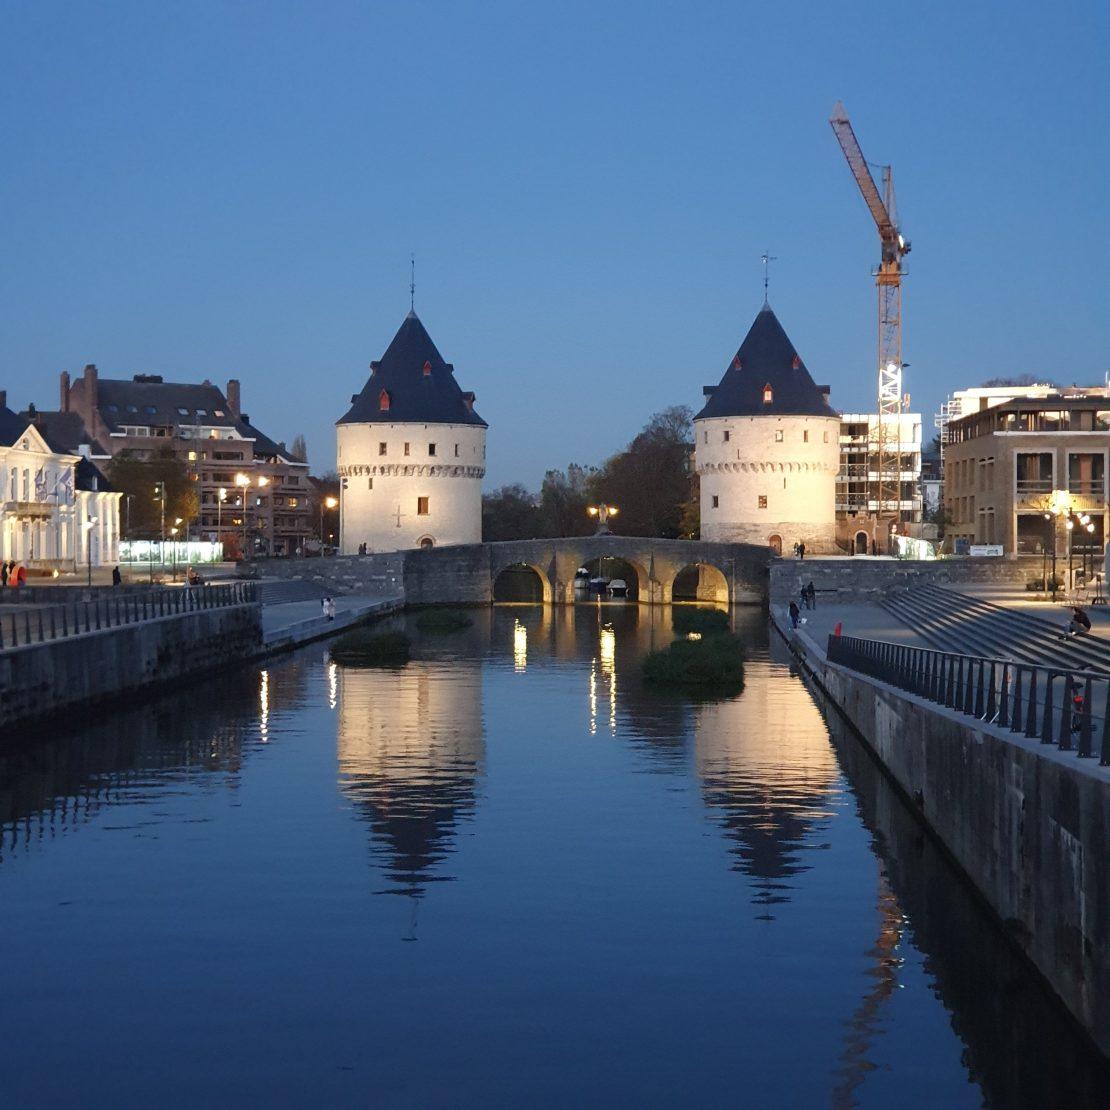 Broeltorens - Kortrijk